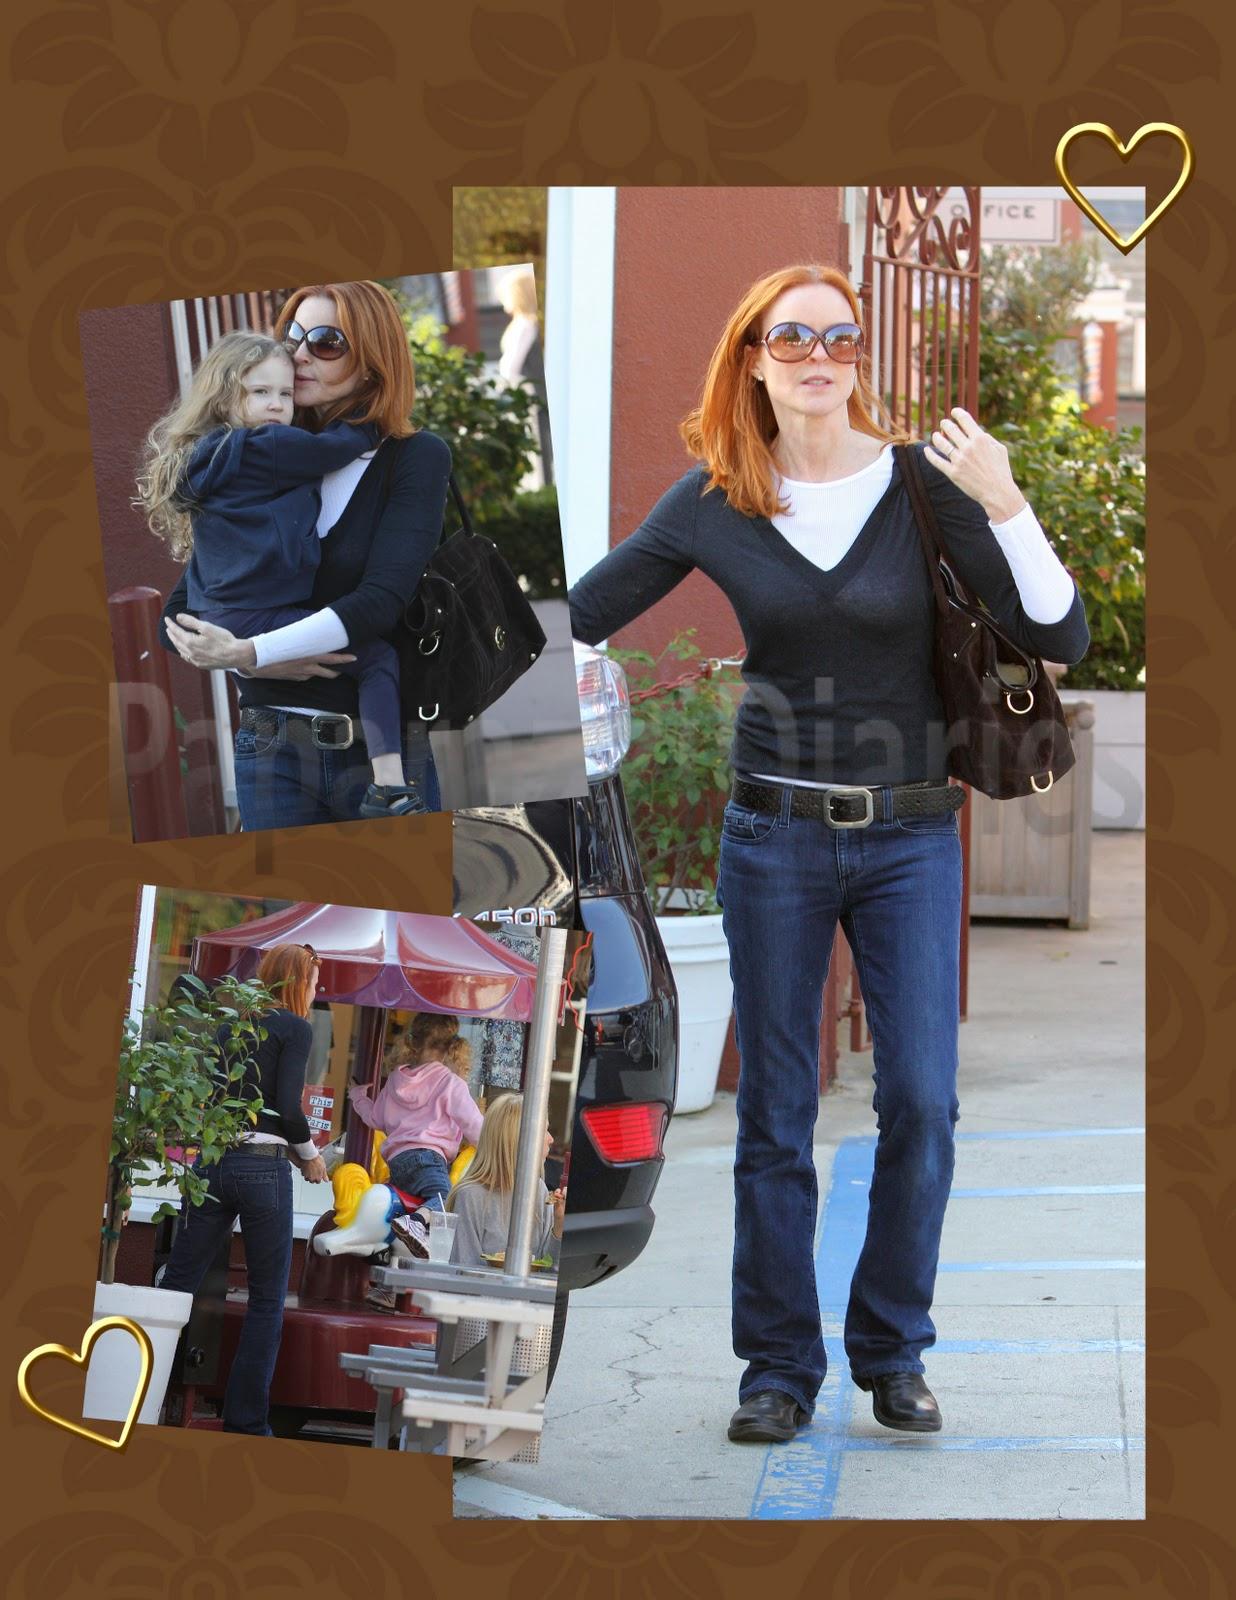 http://2.bp.blogspot.com/_rqc6ugw8KoM/TT59SFUqDtI/AAAAAAAABpI/b2YM9b3EMkk/s1600/Marcia+Cross_012411-003.jpg